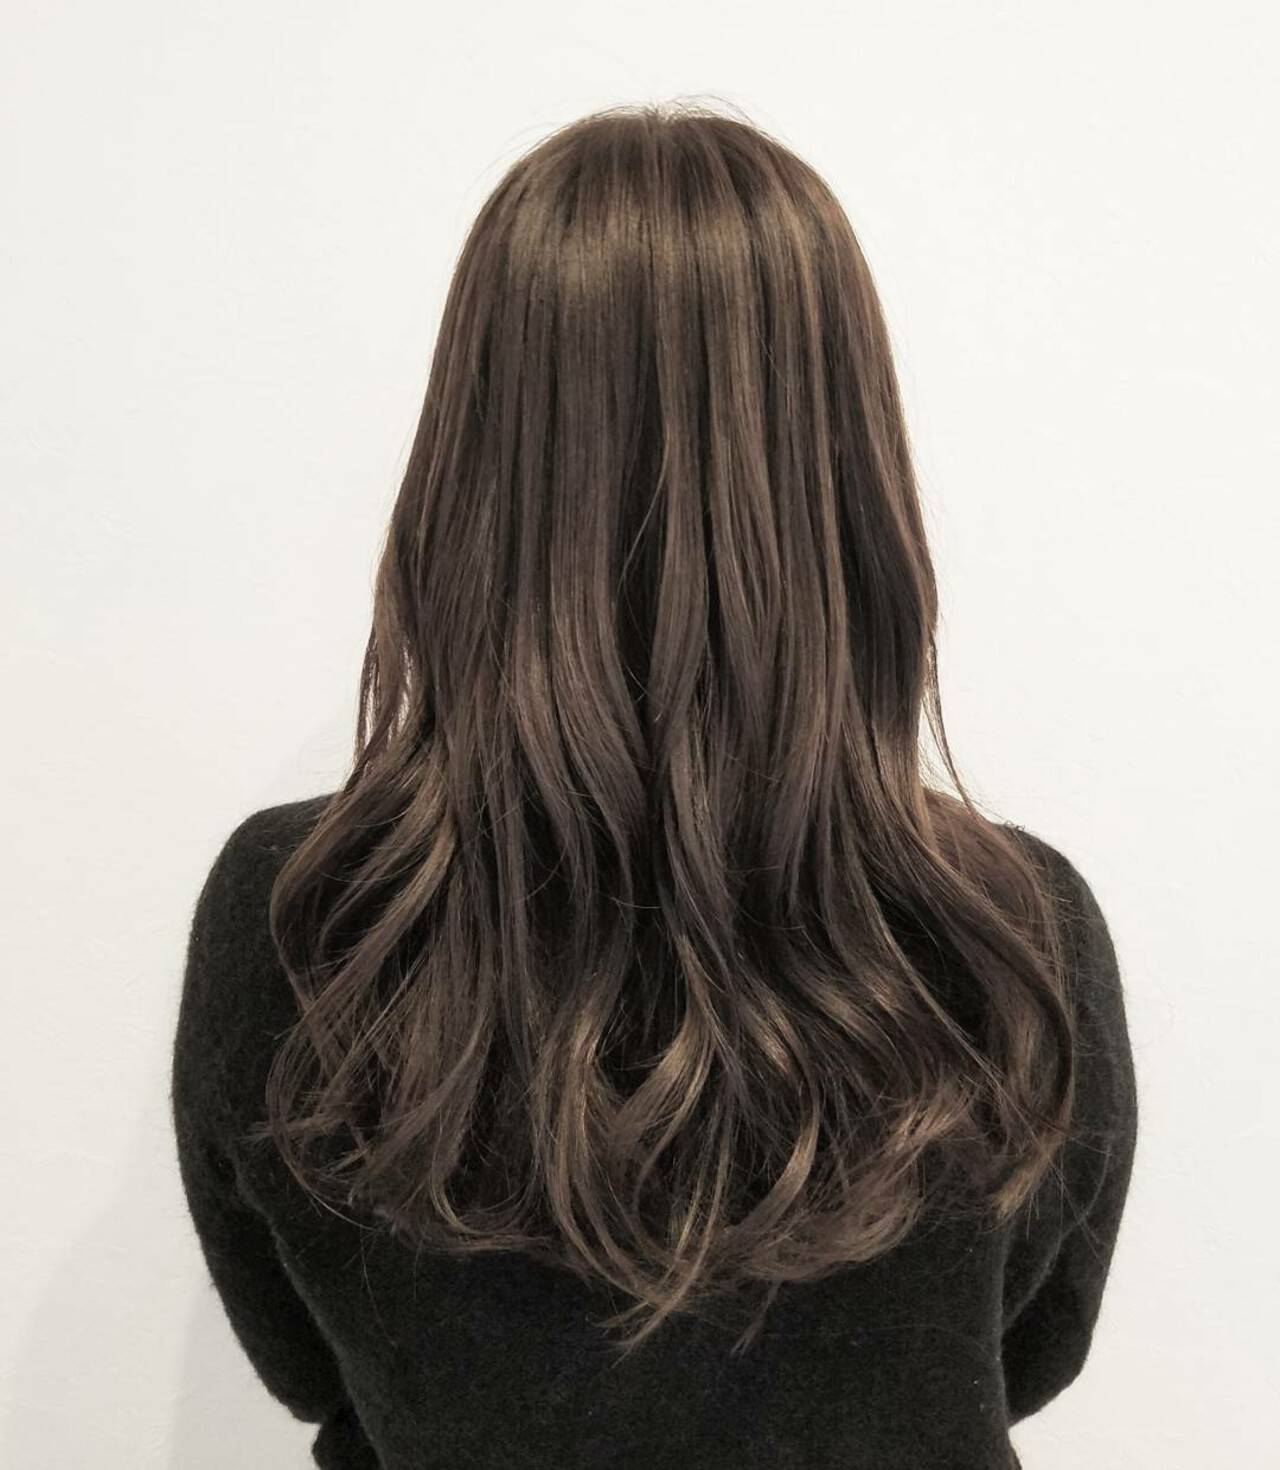 ナチュラル 外国人風 ロング ハイライトヘアスタイルや髪型の写真・画像